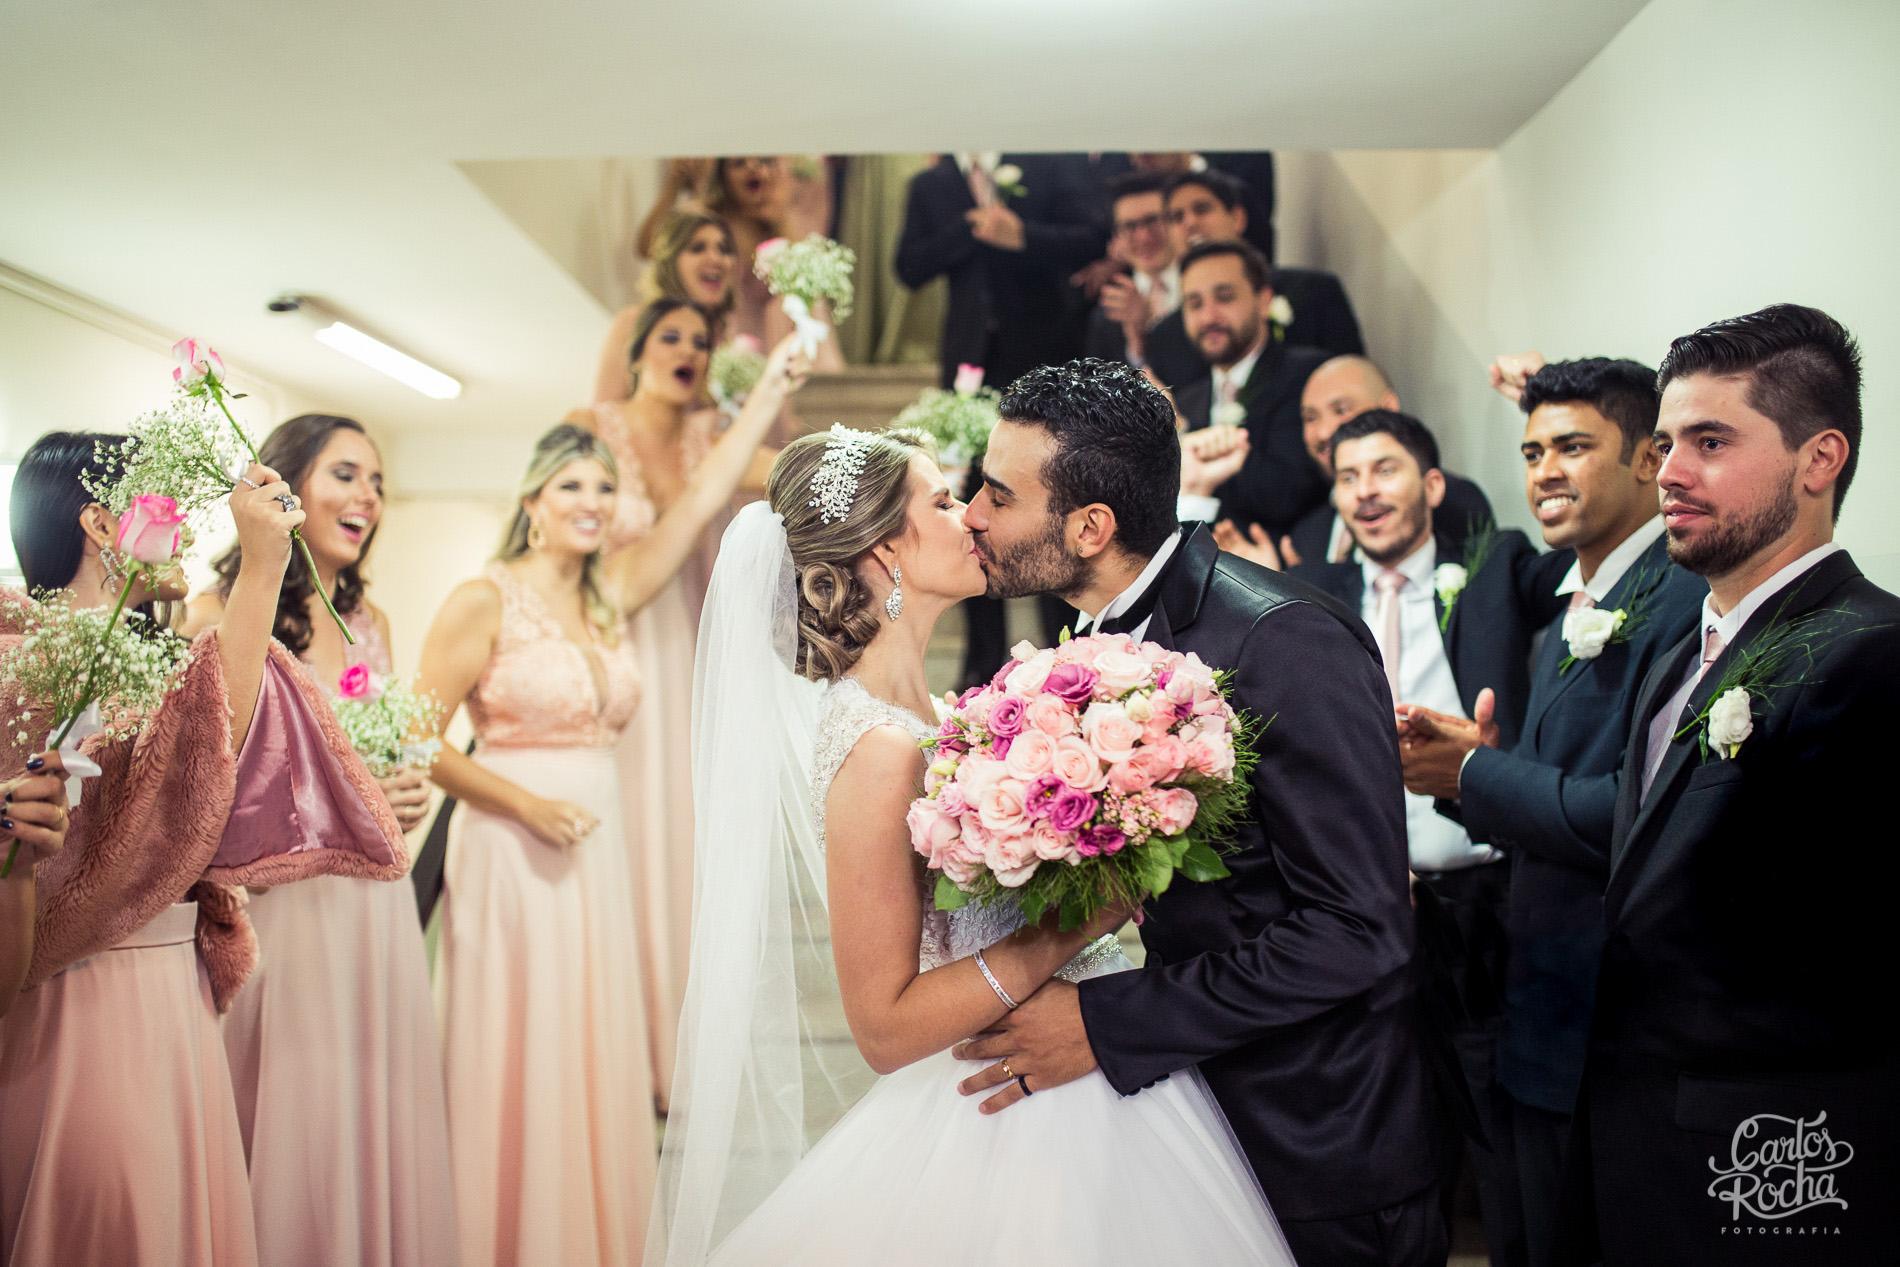 fotografia casamento prudente